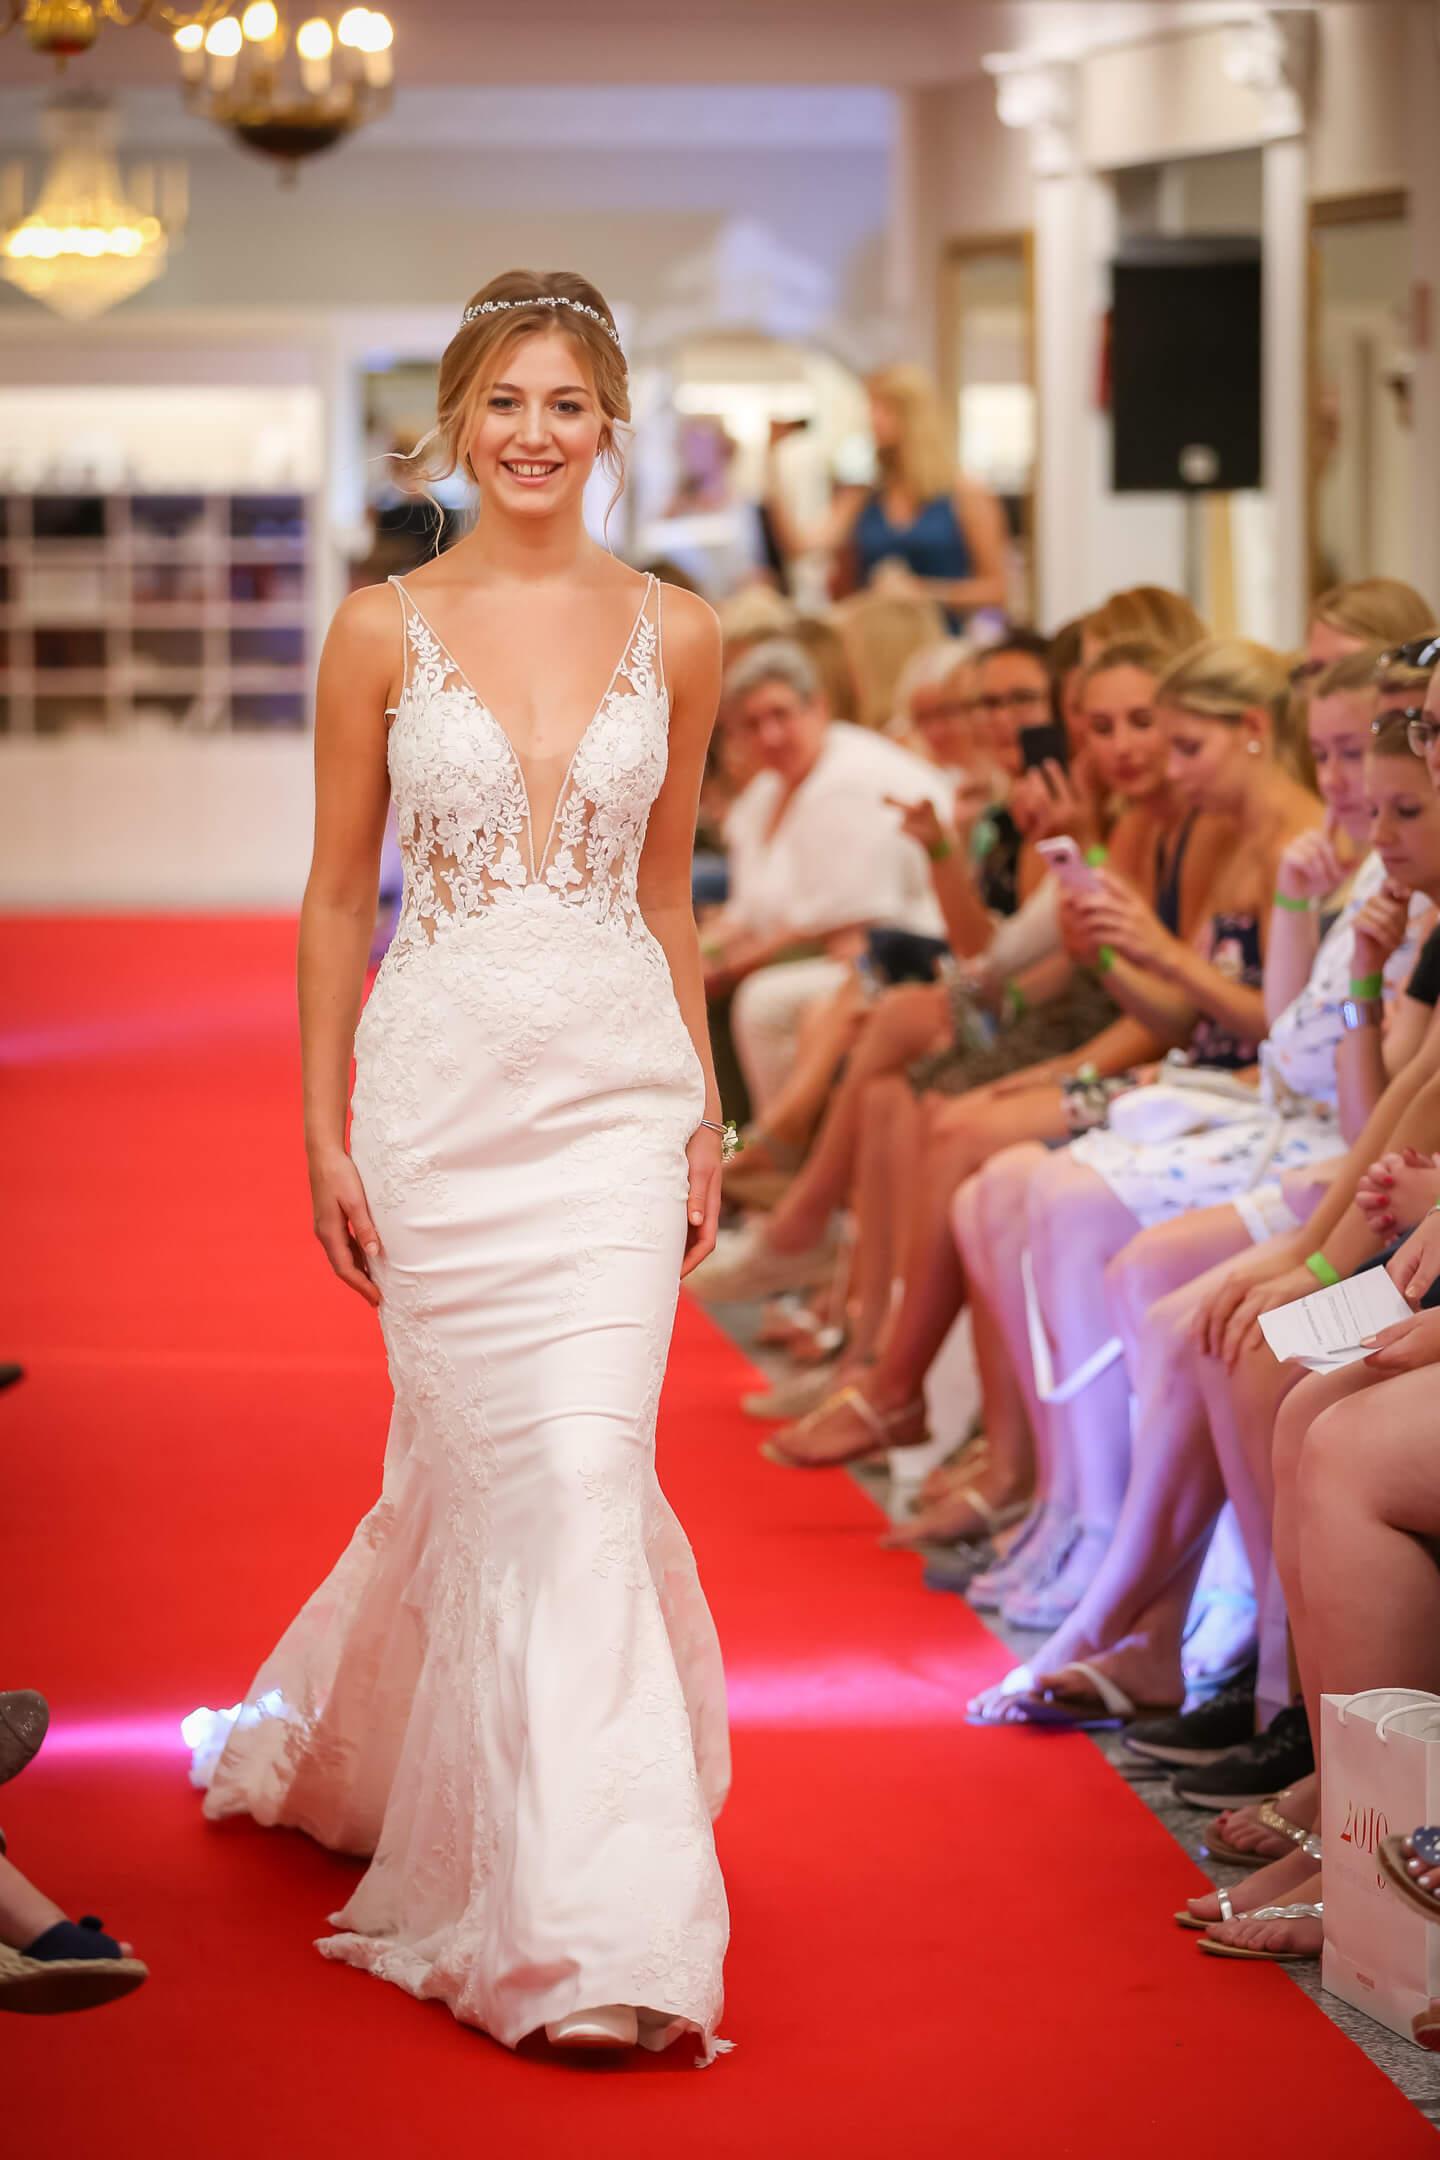 Eng geschnittenes Hochzeitskleid auf dem Catwalk bei Laue Festgarderobe präsentiert